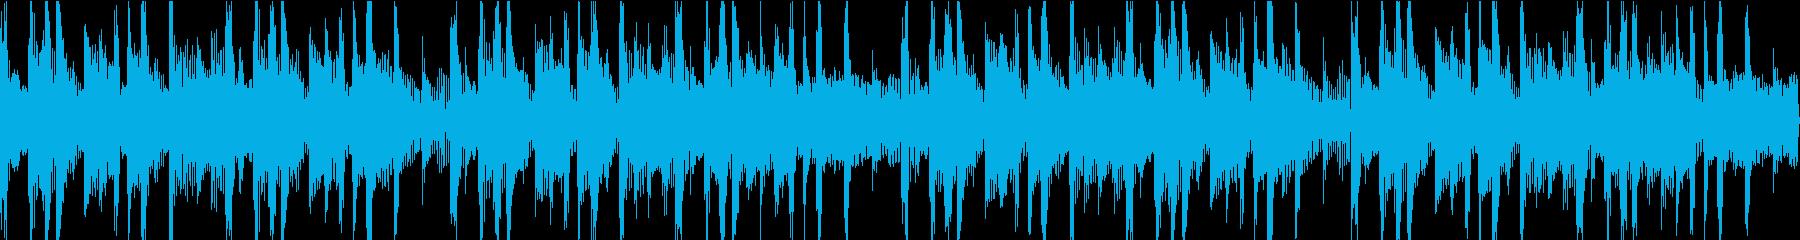 クールなエレピとファンキーなノリの曲の再生済みの波形